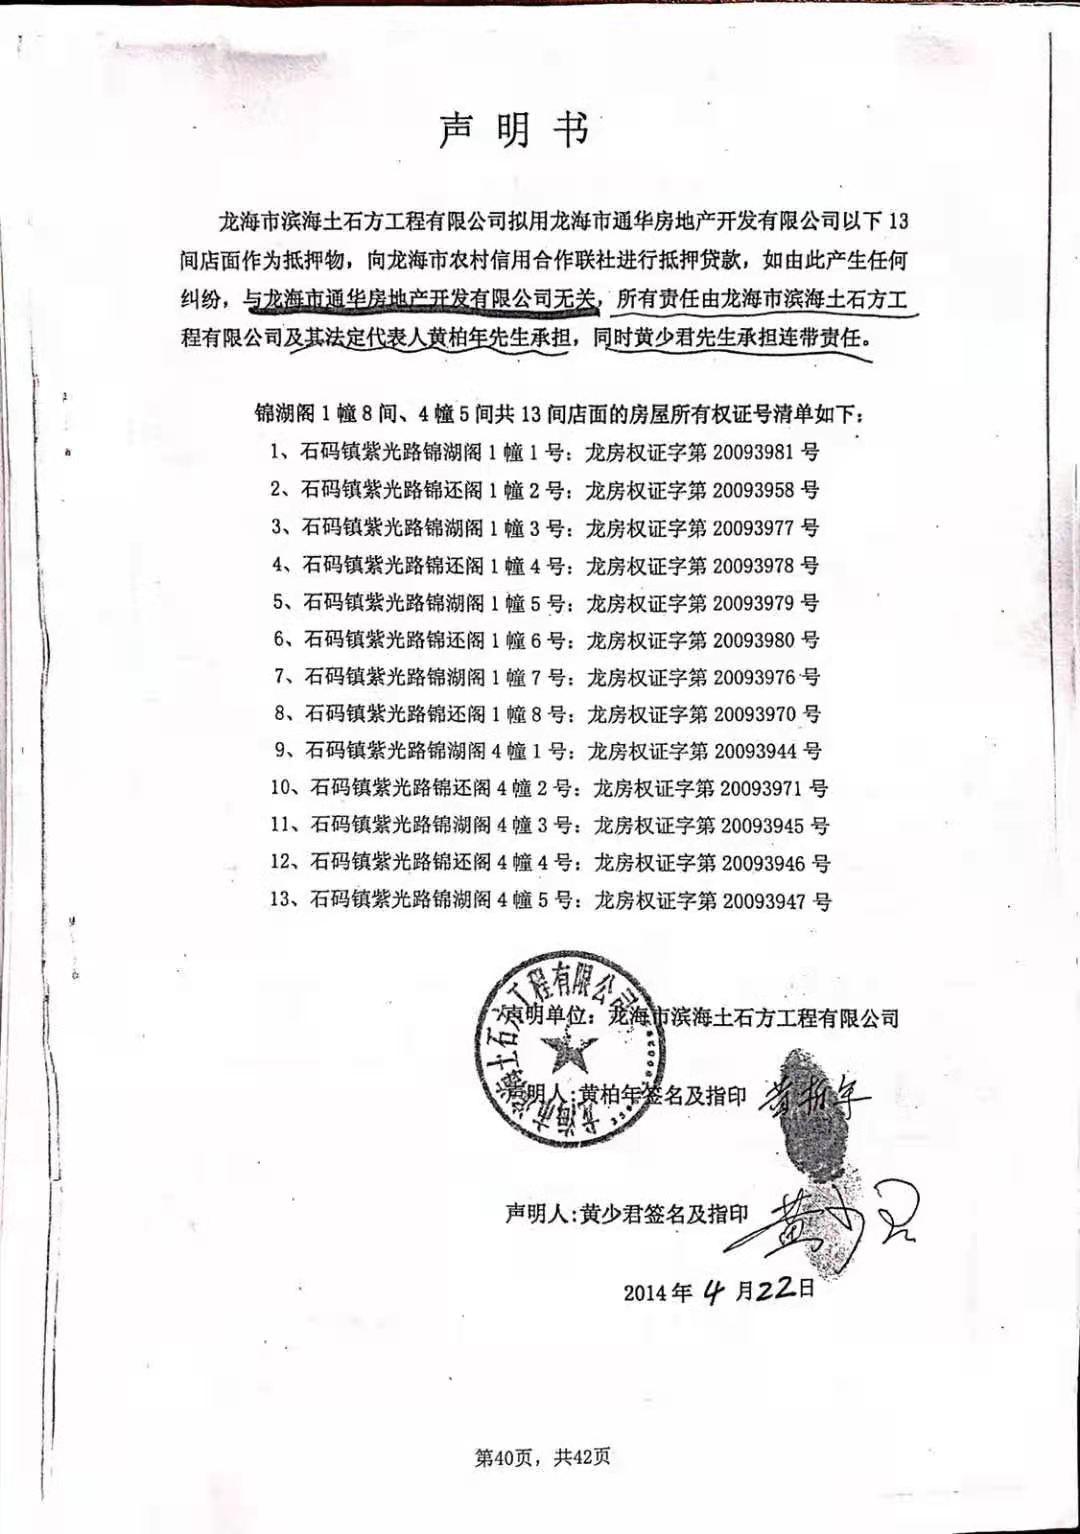 经济纠纷变刑事案件遭实名举报 漳州公职人员被指与港商勾结